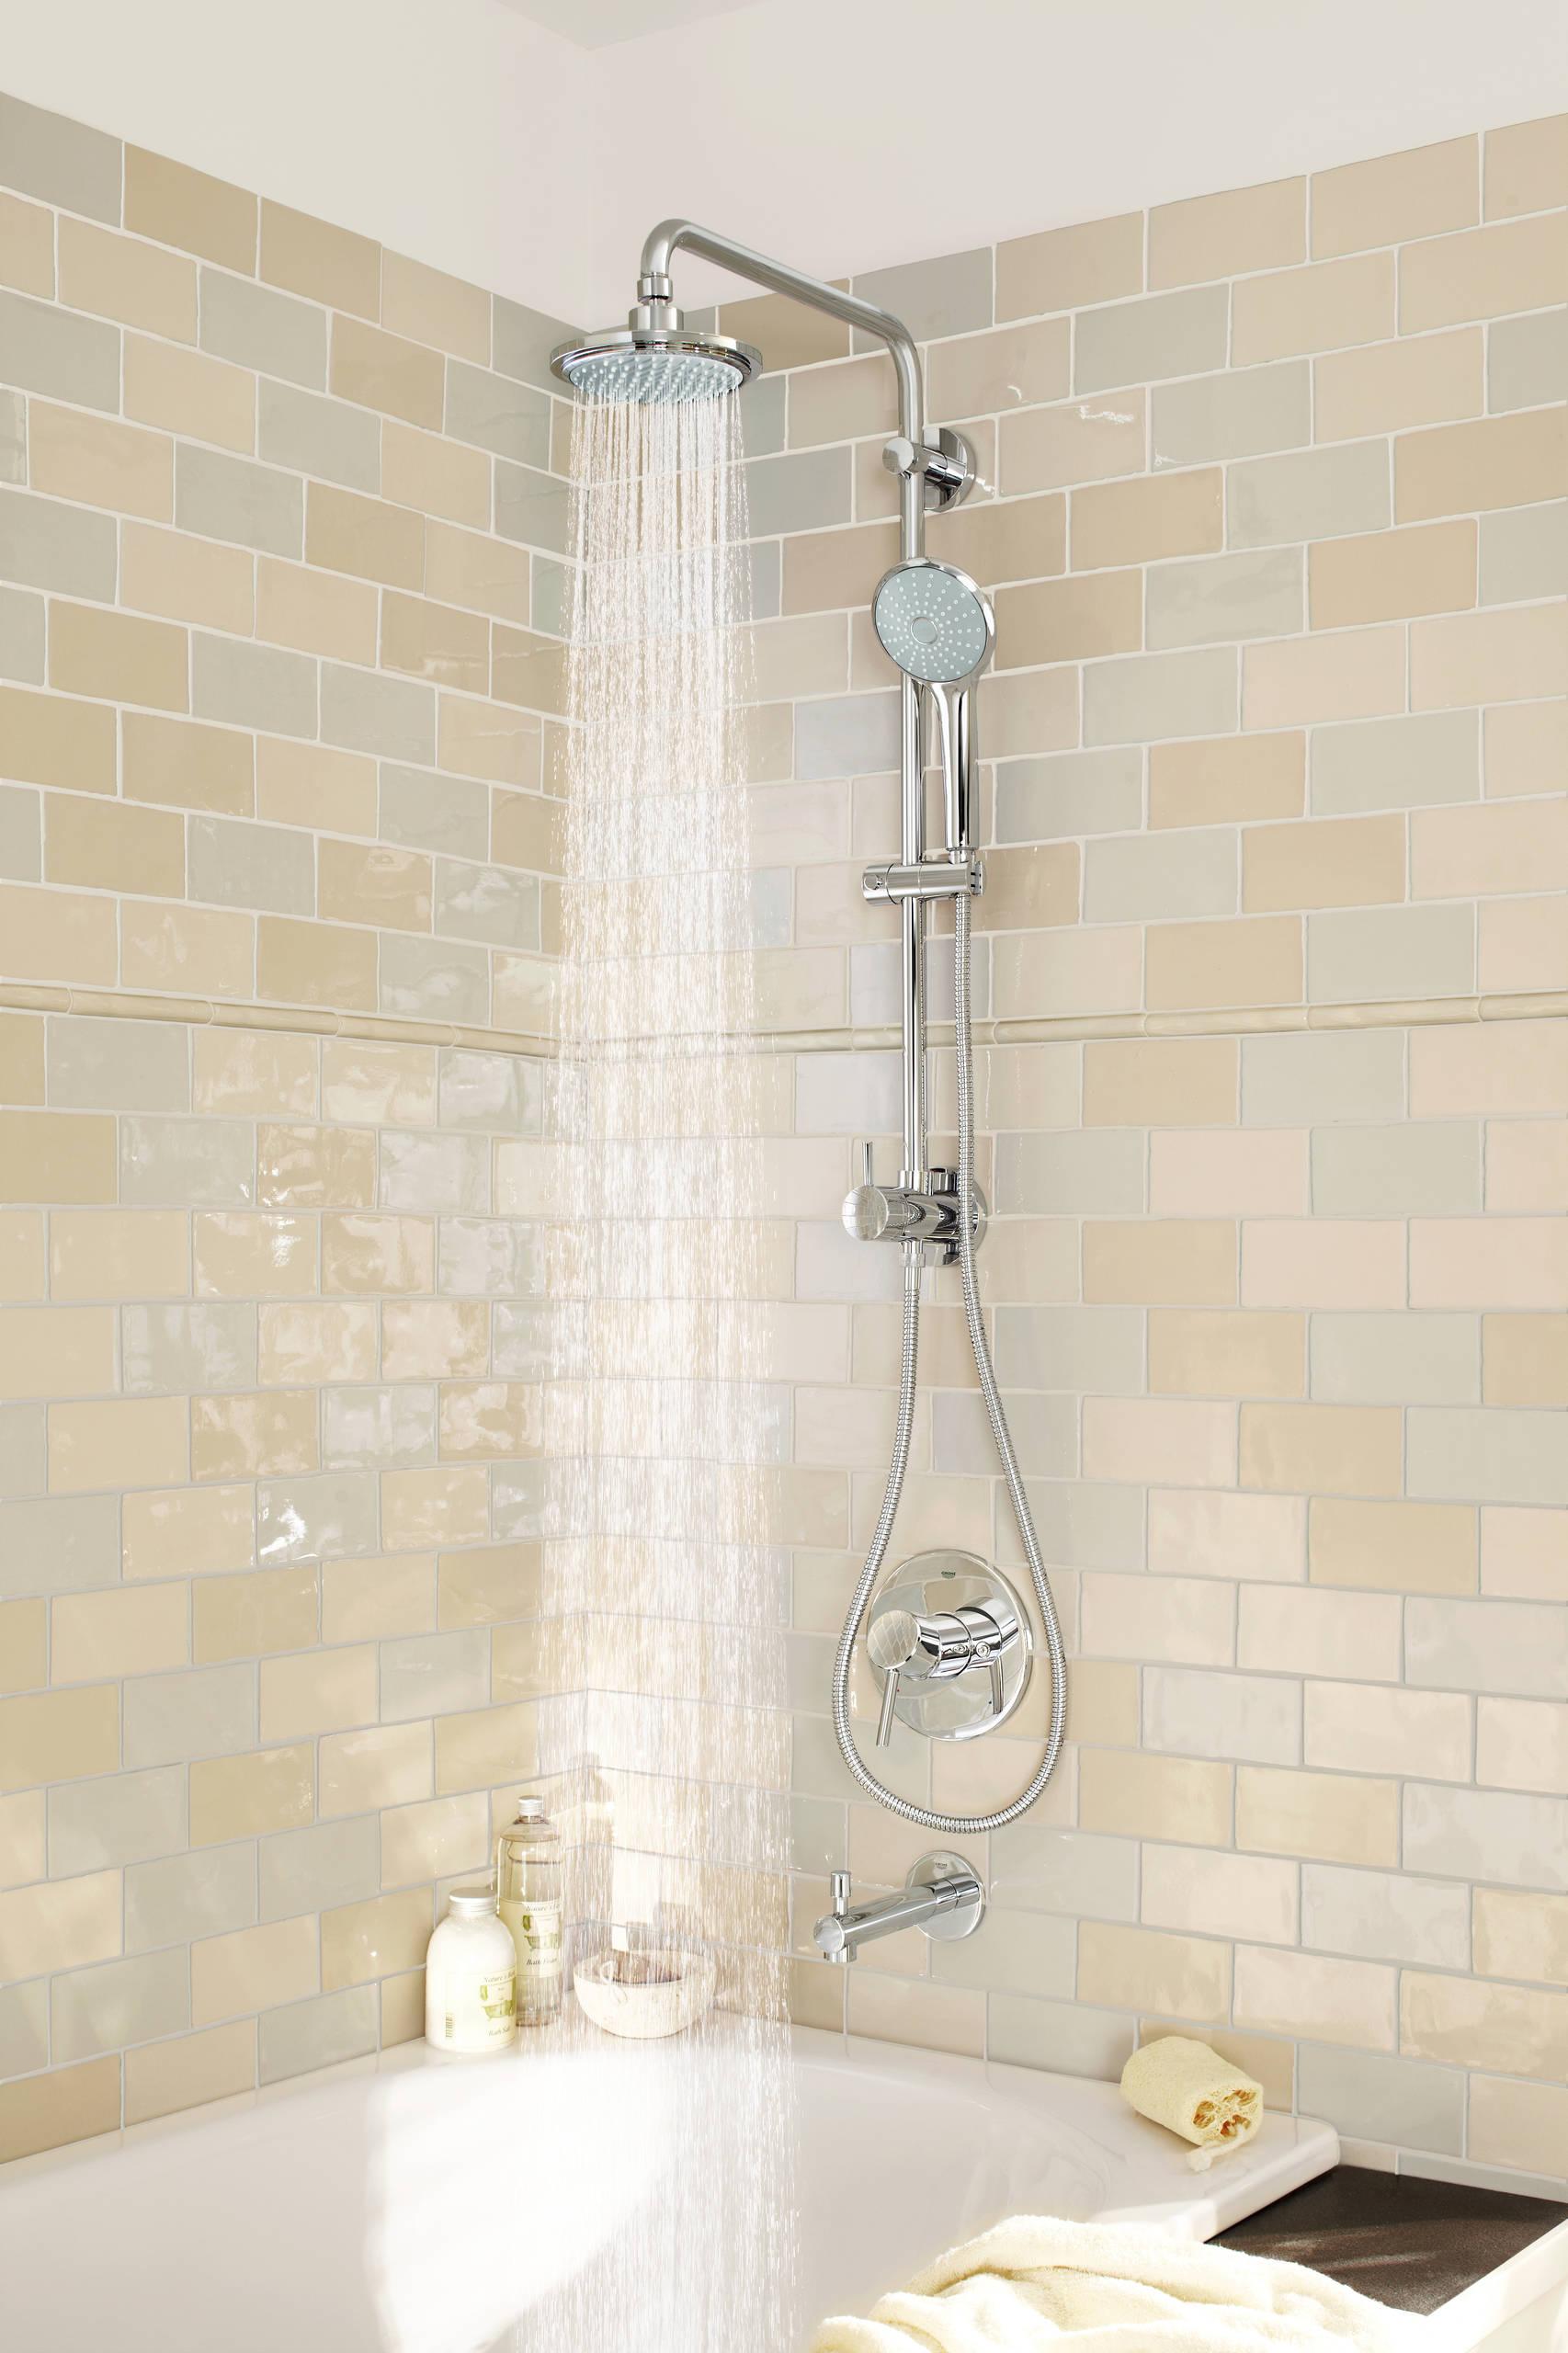 Hals über Kopf Stilvolle Duscharmaturen fürs Badezimmer